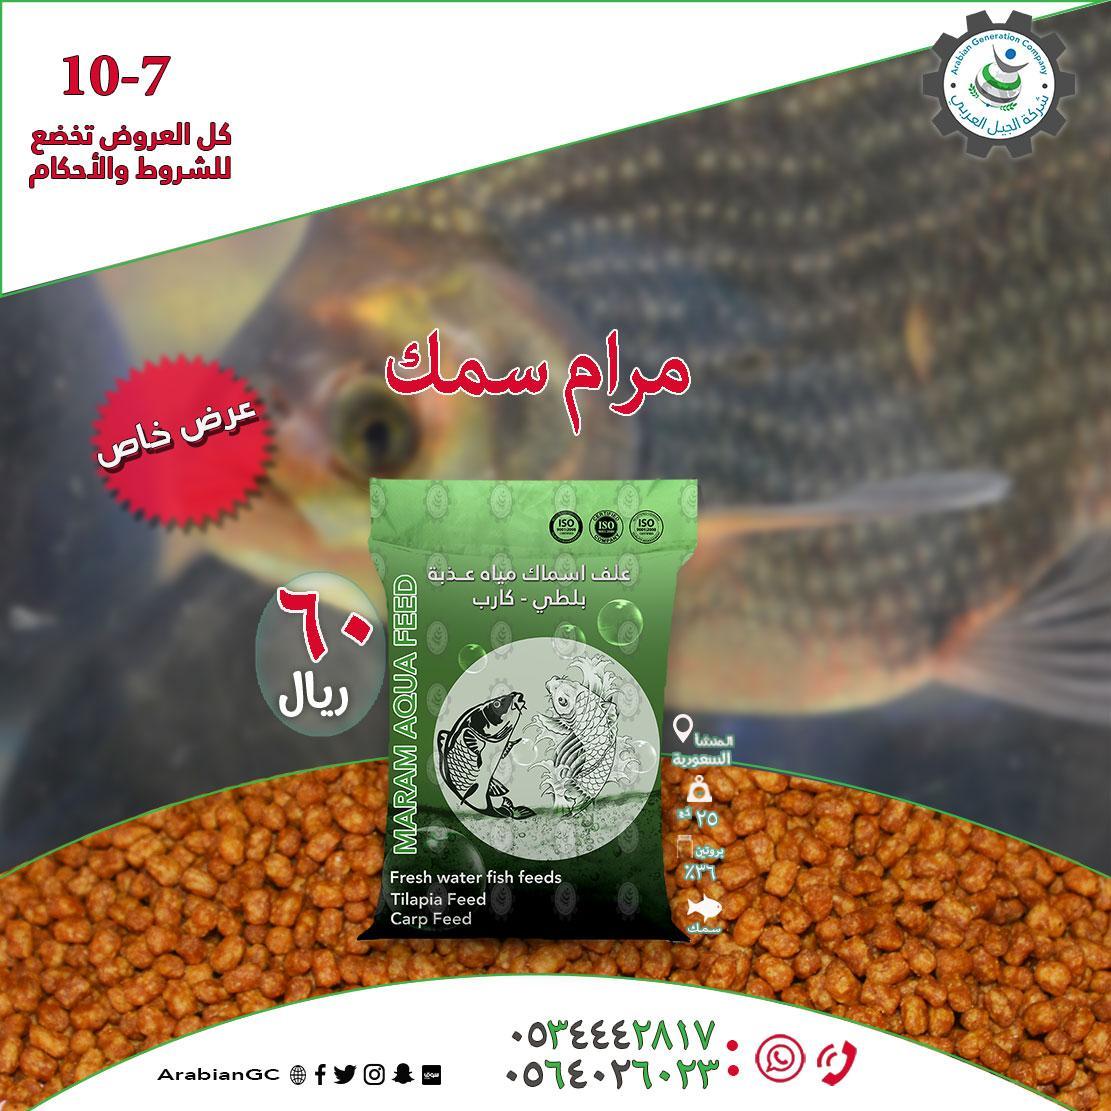 لمربي الأسماك شركة الجيل العربي d.php?hash=WISHH8C1I